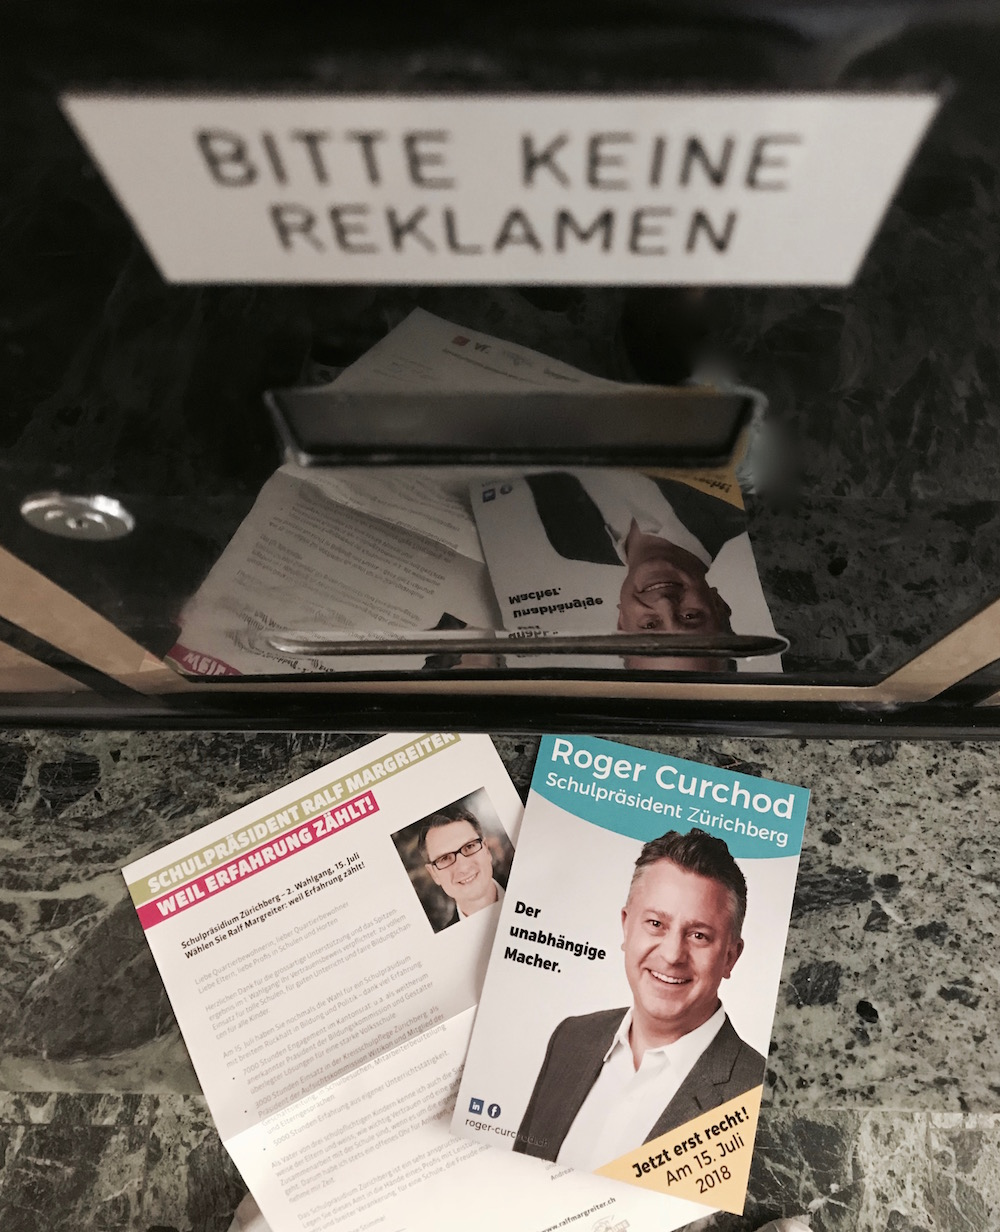 """Potentielle Schulpräsidenten im Briefkasten: """"Bitte keine Reklamen"""" wird übergangen. Zum Glück sind bald Sommerferien."""